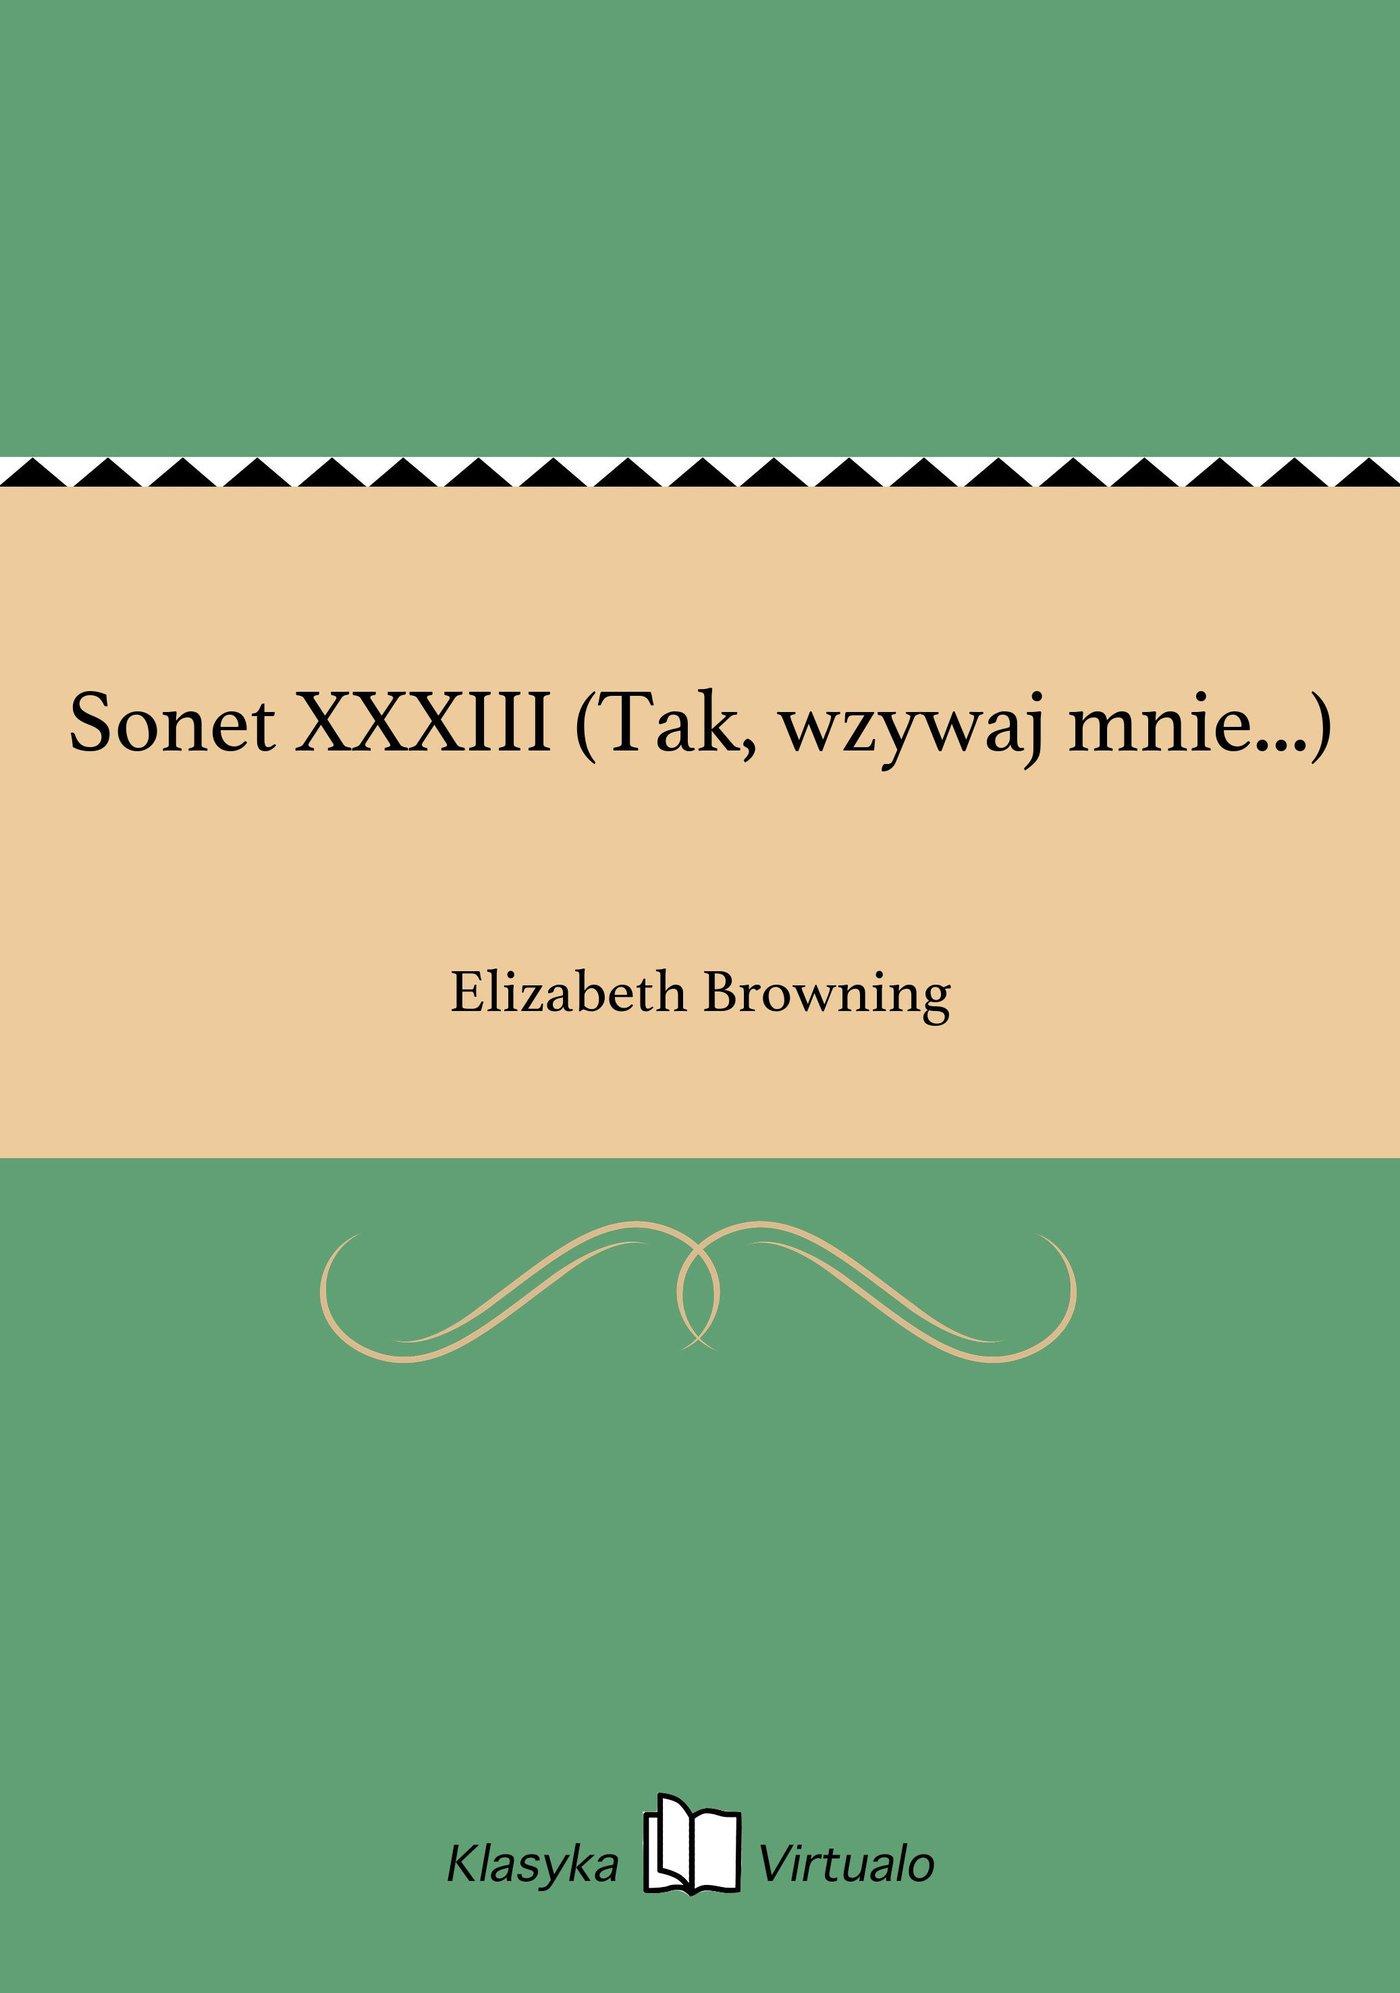 Sonet XXXIII (Tak, wzywaj mnie...) - Ebook (Książka EPUB) do pobrania w formacie EPUB